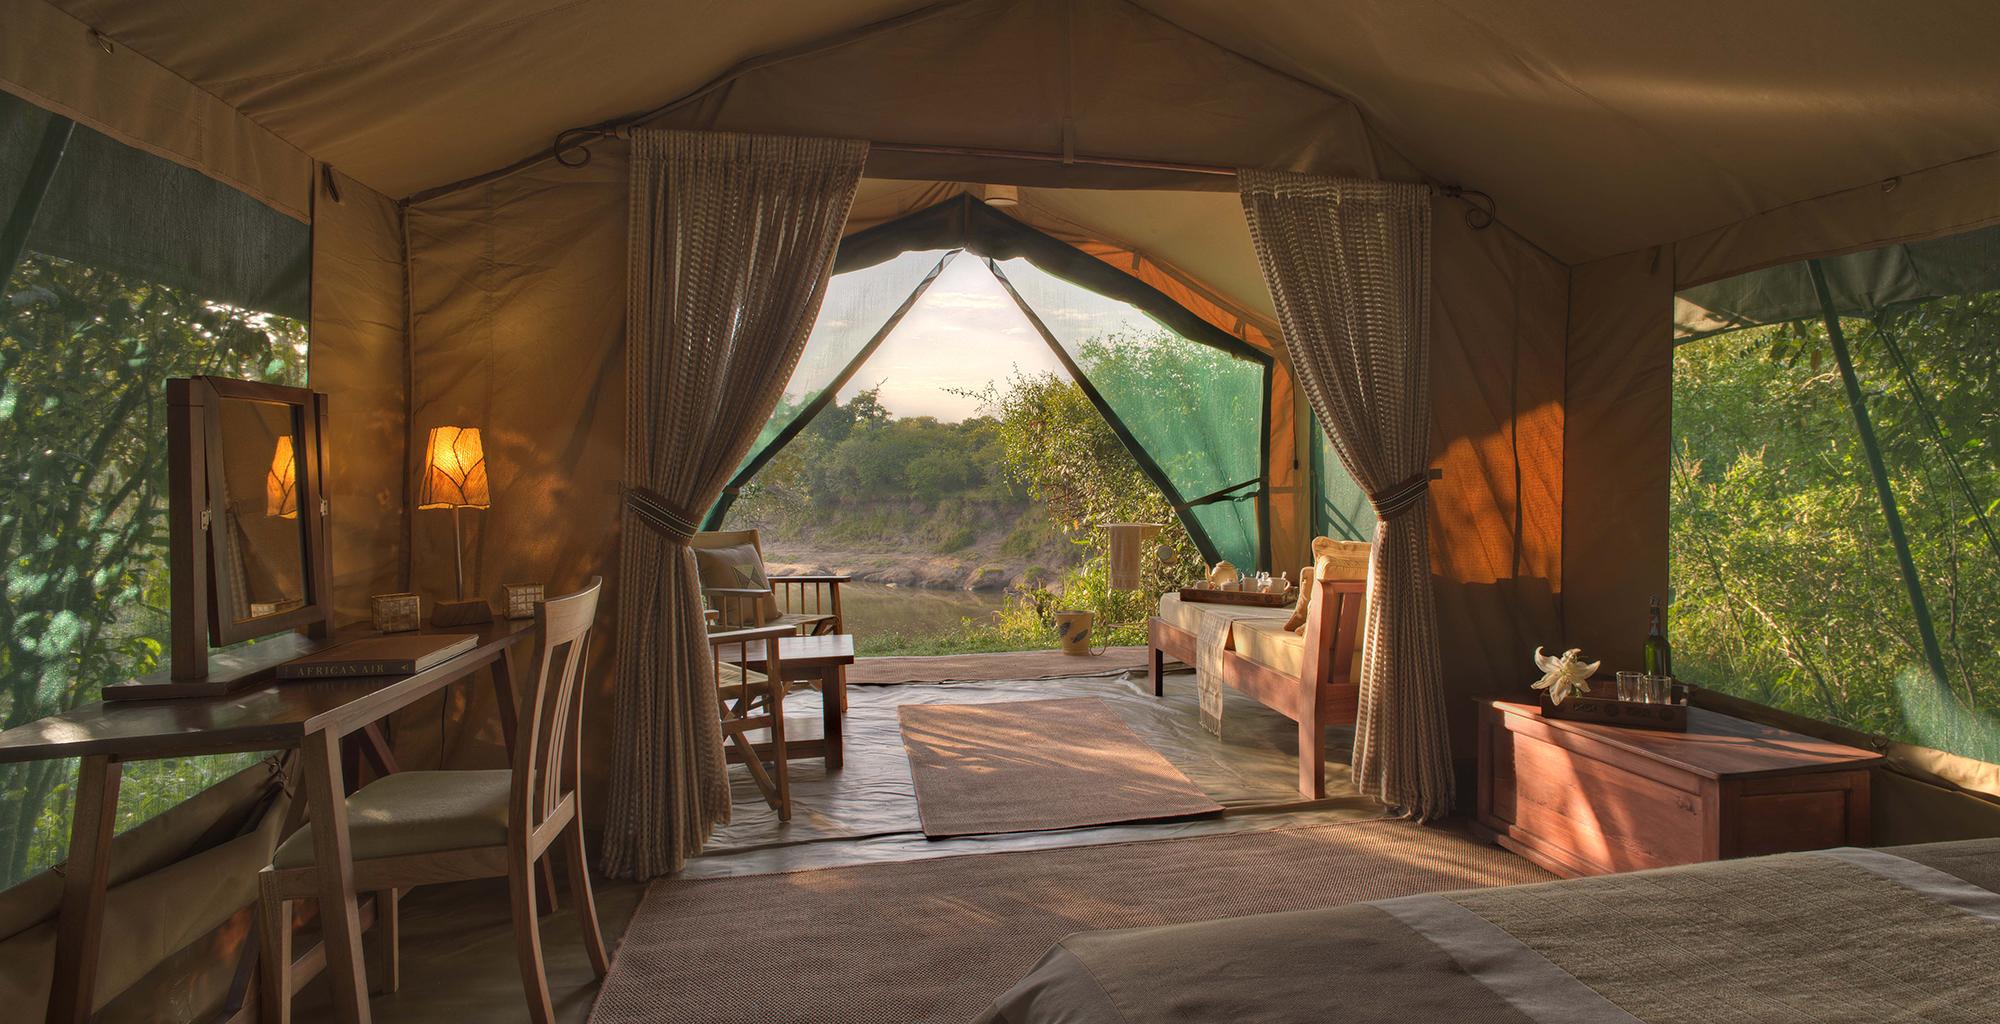 Kenya-Rekero-Tent-Camp-Bedroom-View